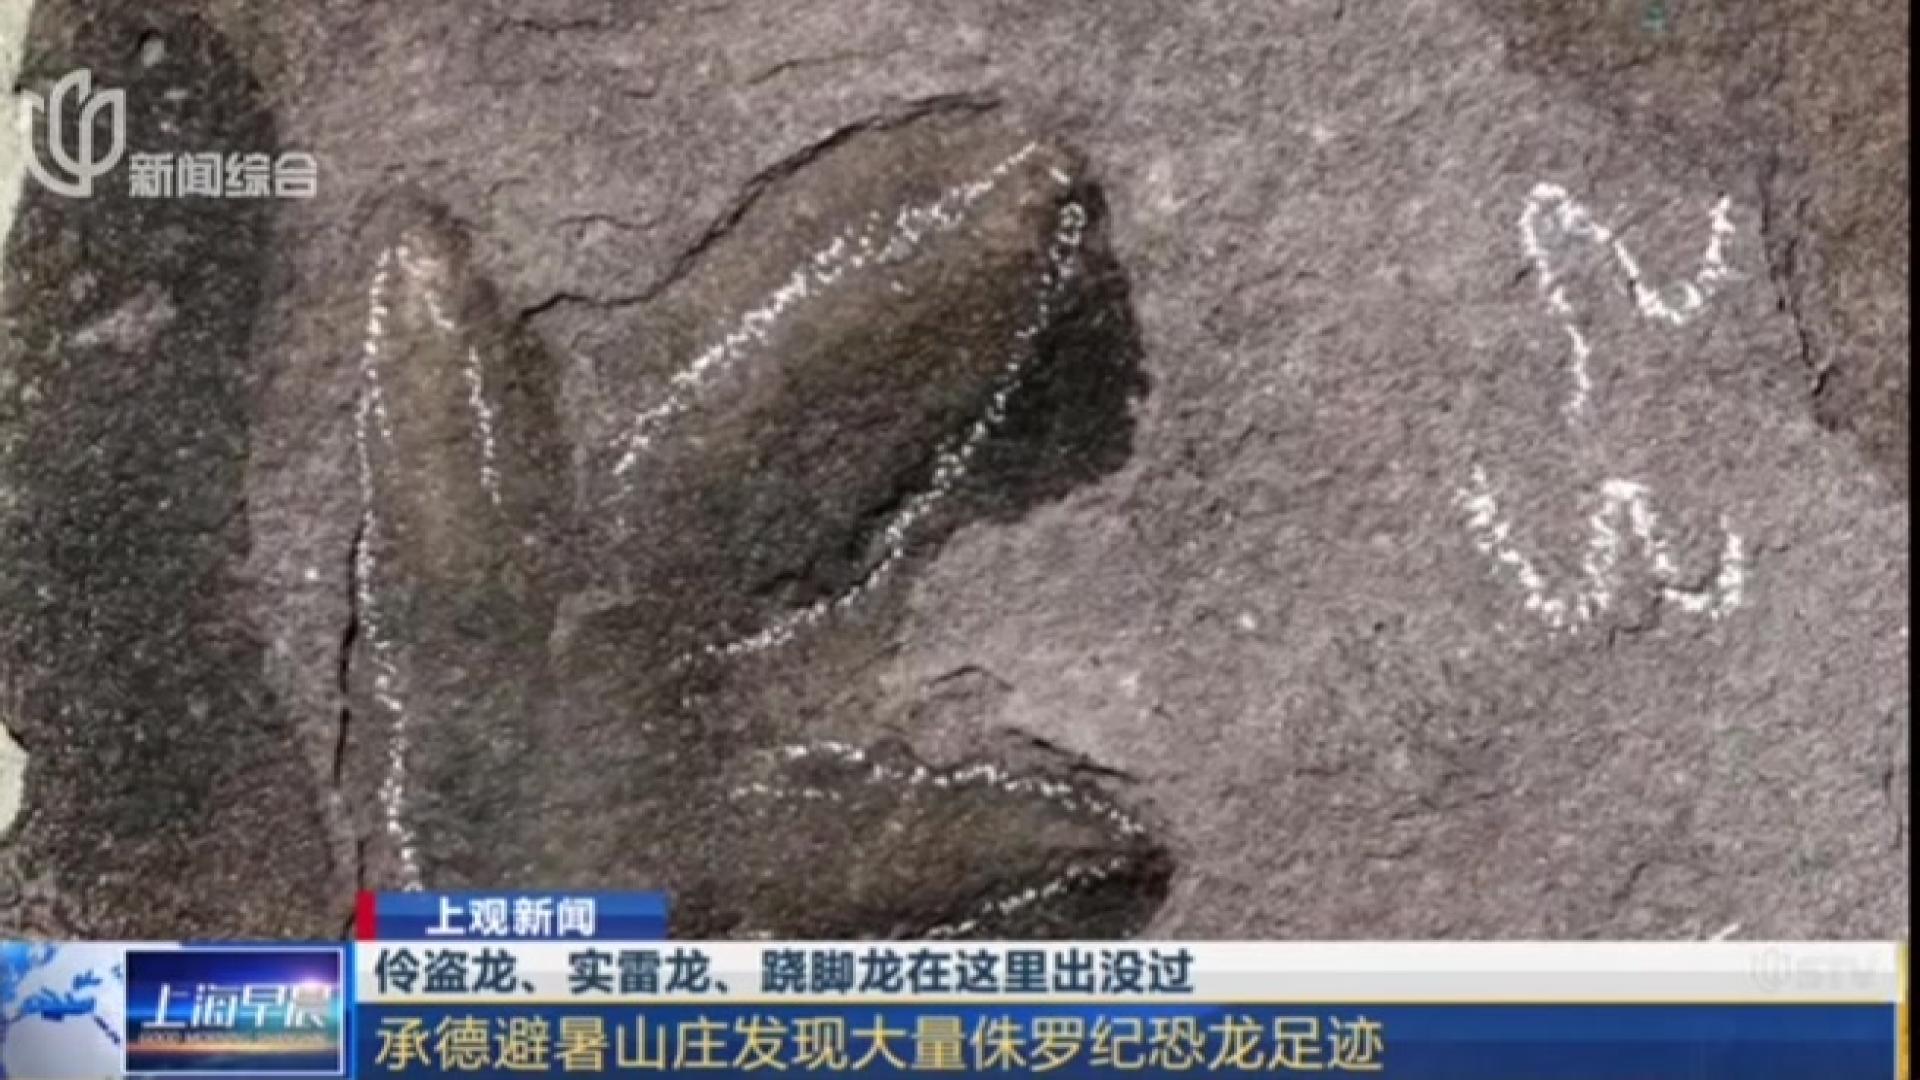 伶盗龙、实雷龙、跷脚龙在这里出没过:承德避暑山庄发现大量侏罗纪恐龙足迹